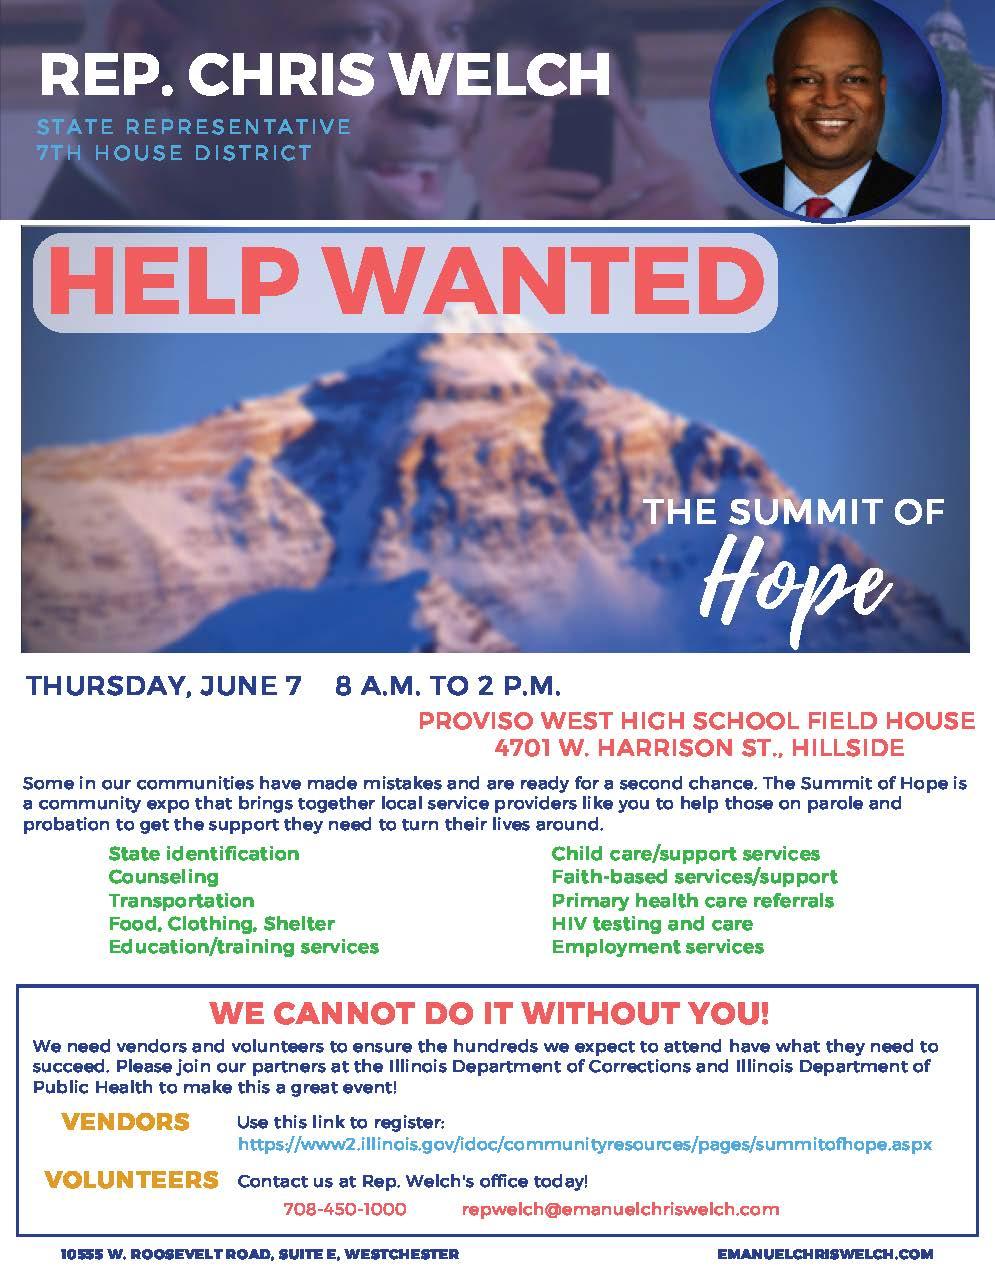 Rep. Chris Welch Summit of Hope vendor-volunteer flyer.jpg